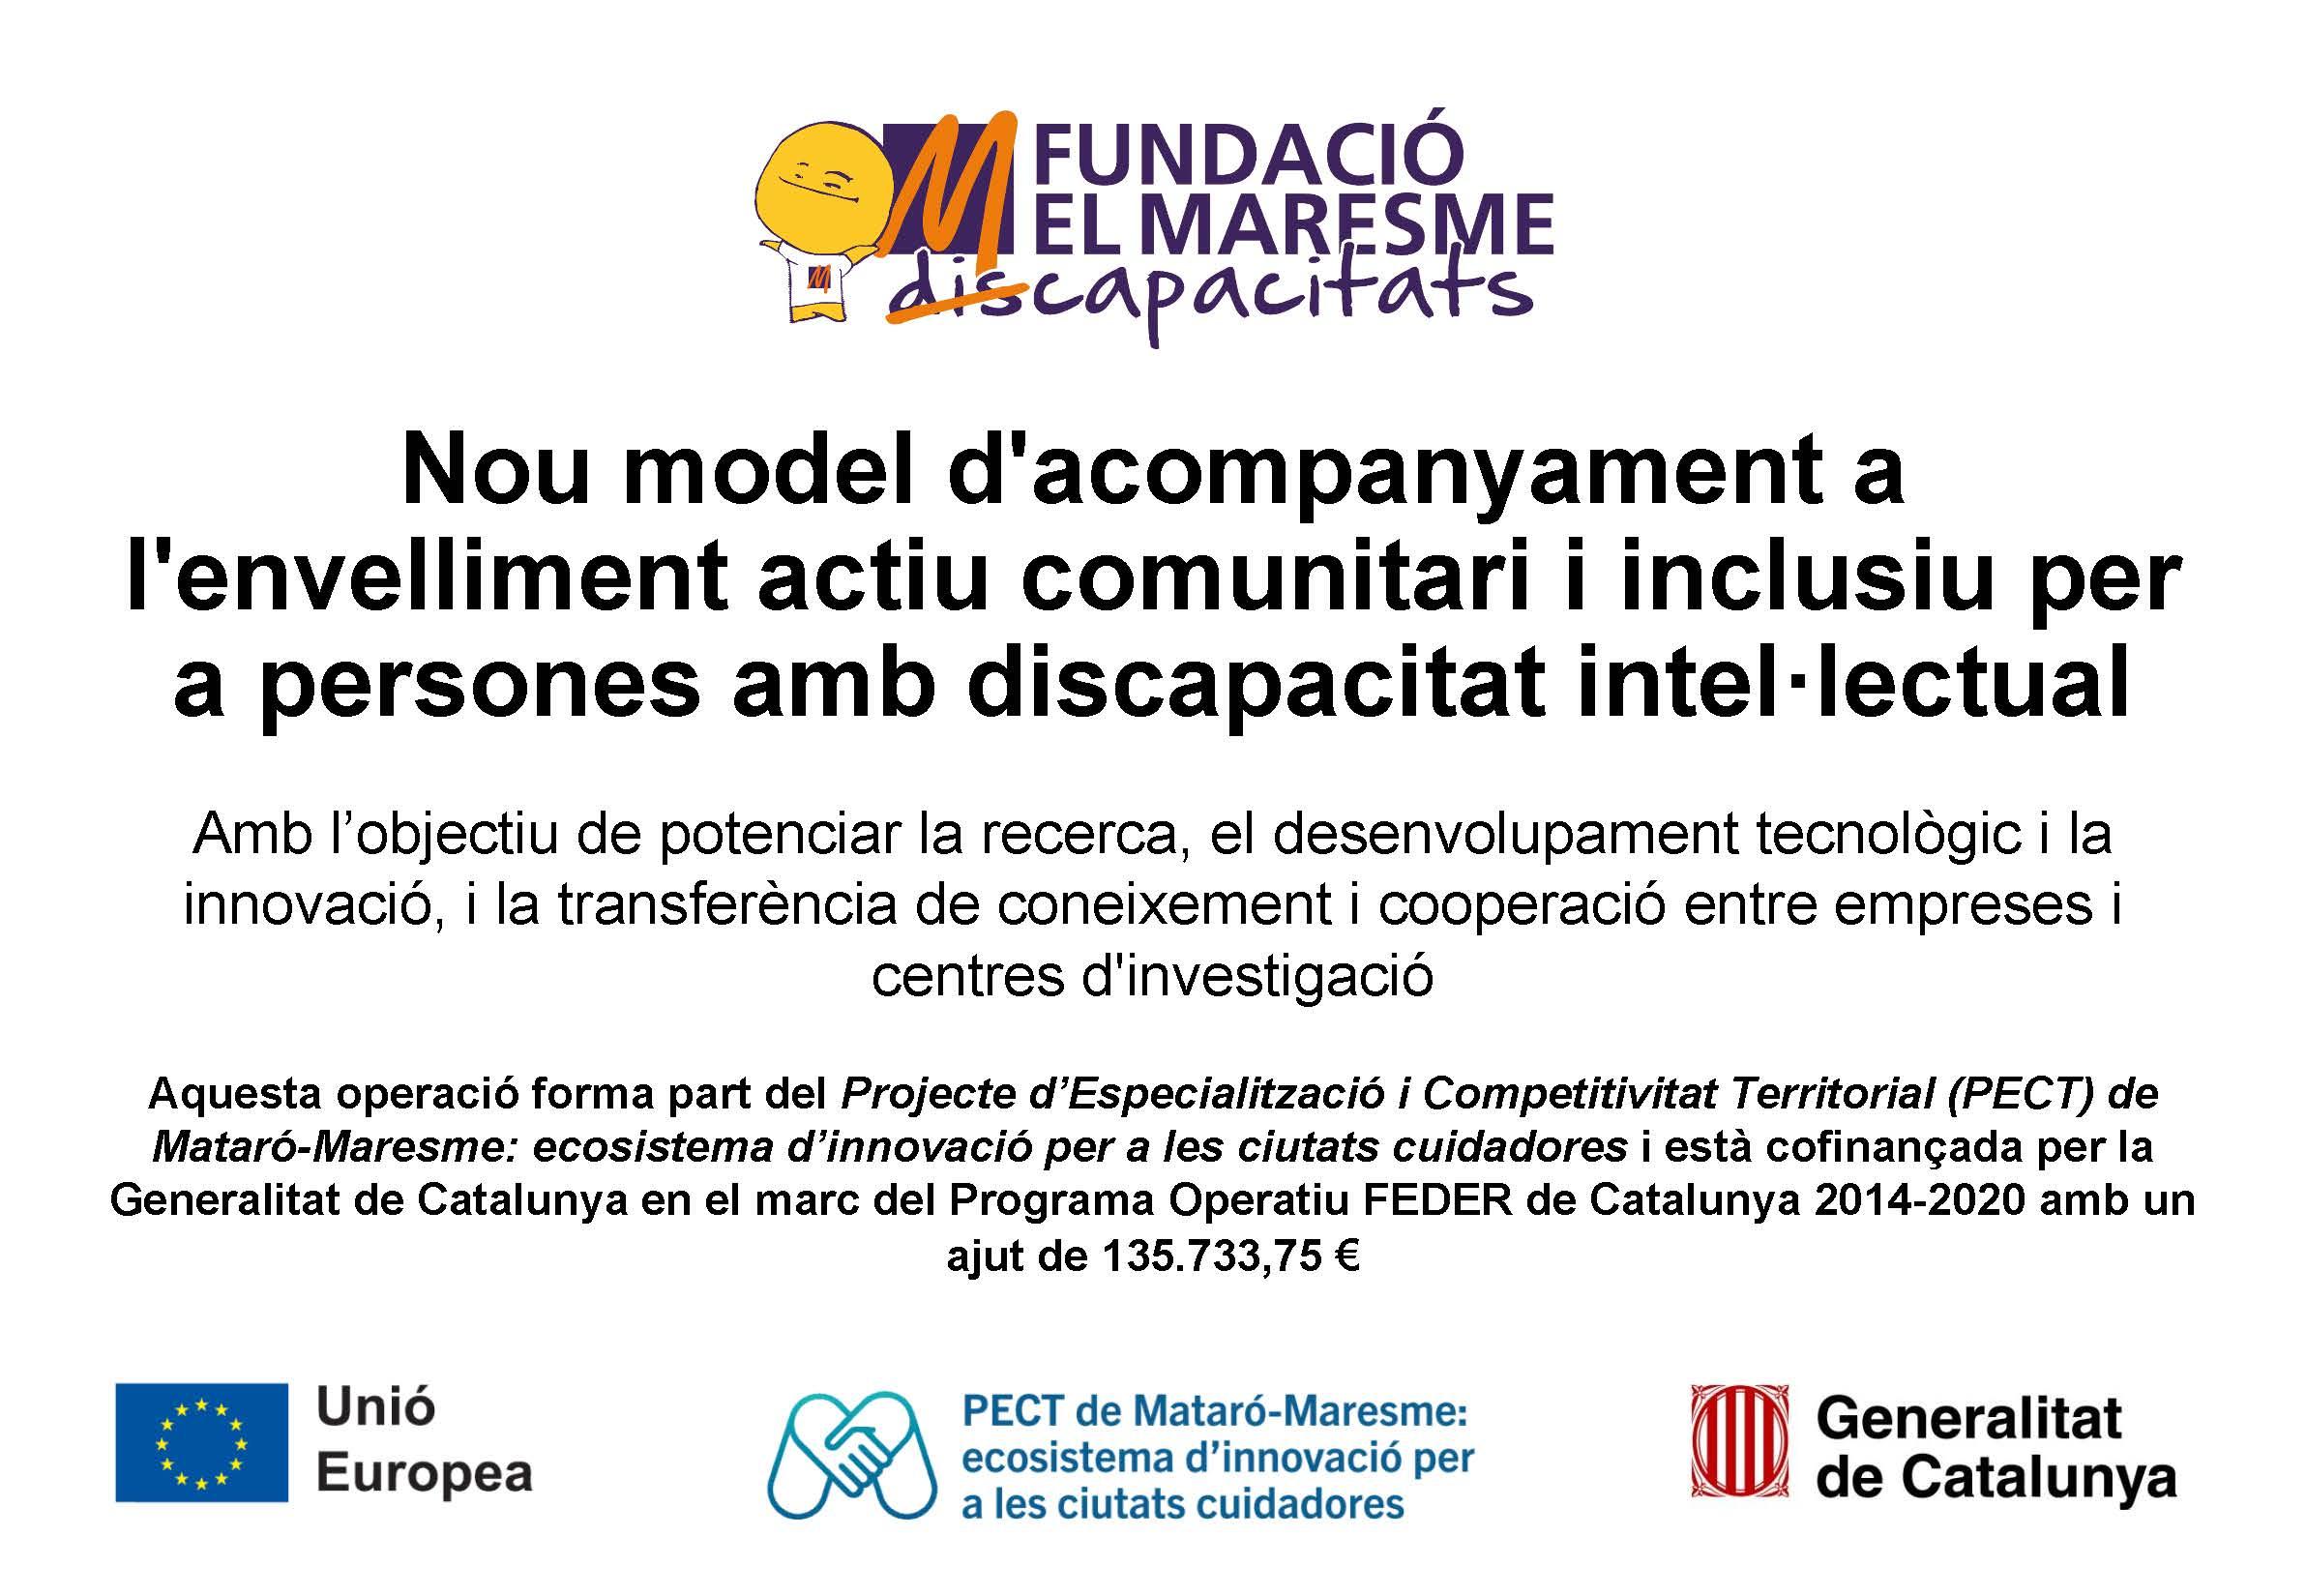 fundació el maresme_PECT_envelliment actiu comunitari i inclusiu